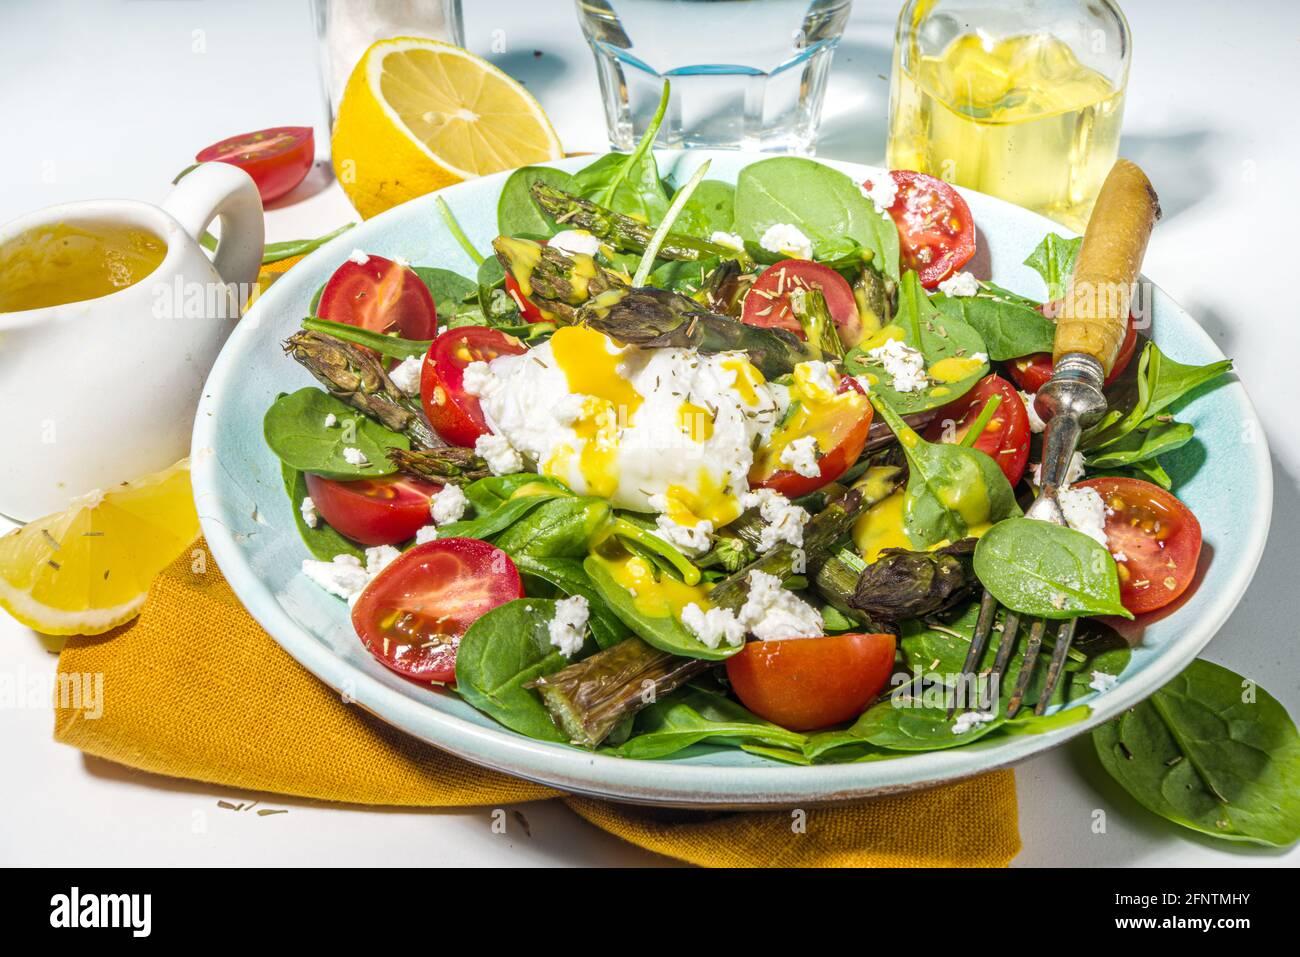 Nourriture saine végétalienne, salade d'asperges chaudes avec des jeunes épinards, tomates cerises, fromage feta et œuf poché, lumière bleue lumière sur fond vue du dessus c Banque D'Images